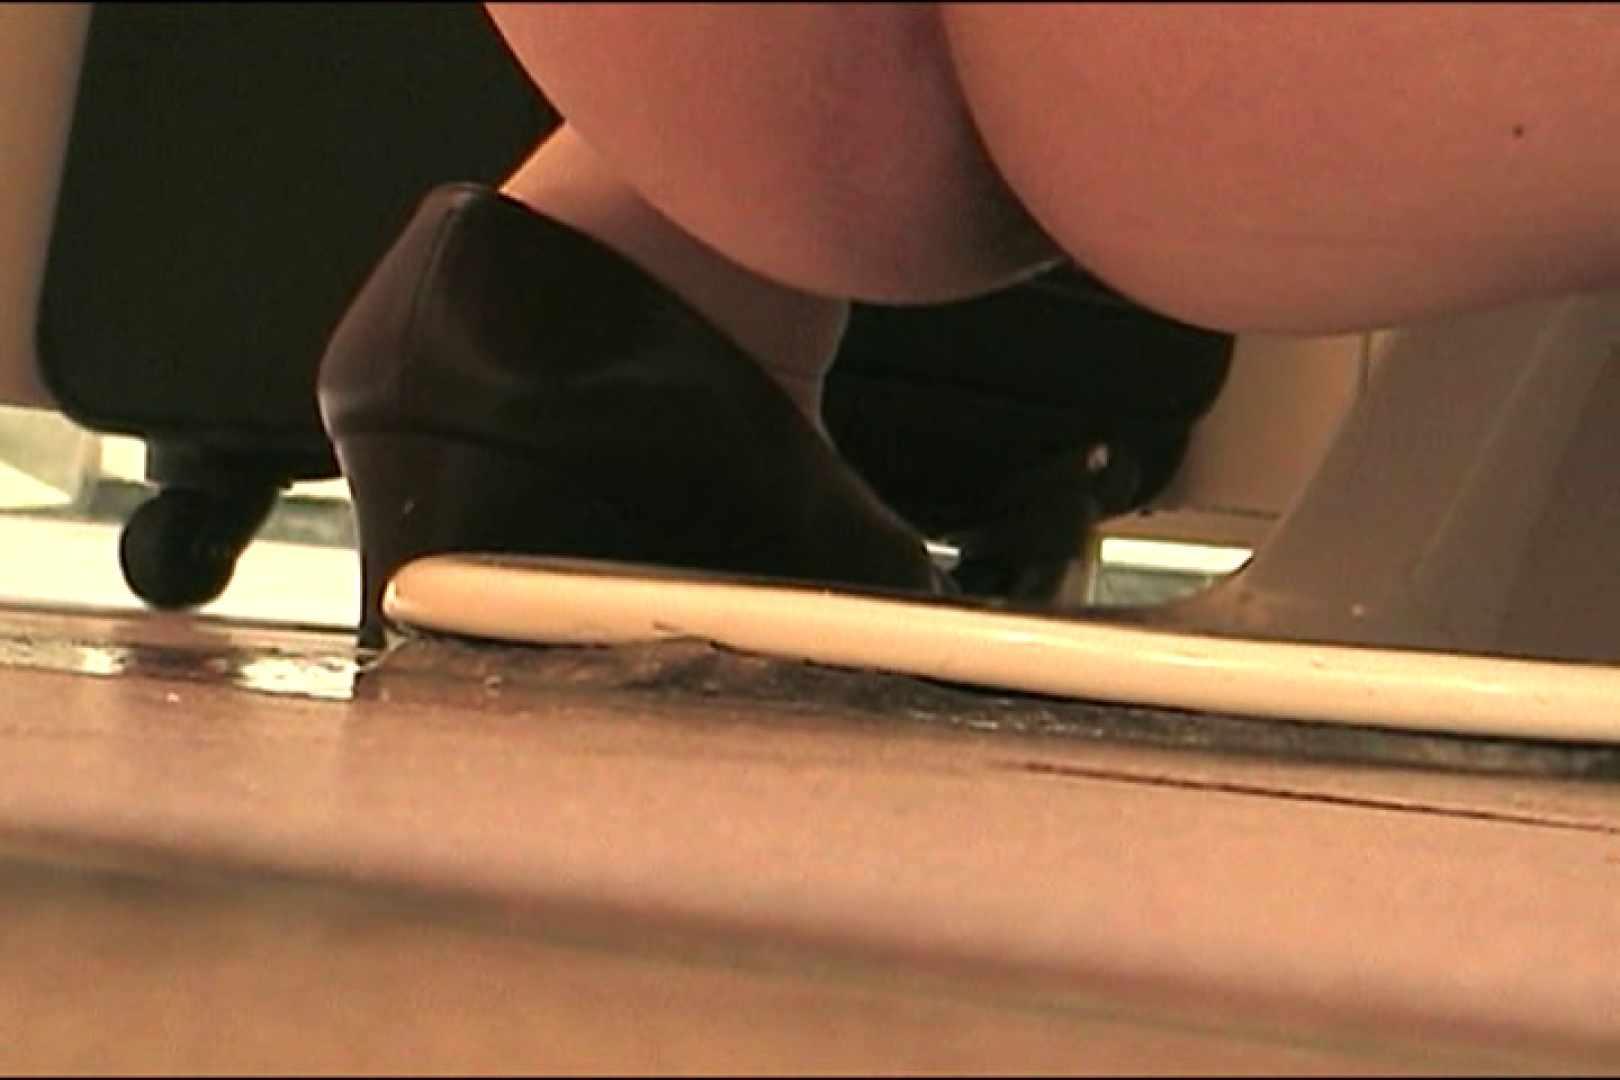 マンコ丸見え女子洗面所Vol.44 おまんこ無修正 性交動画流出 52画像 33